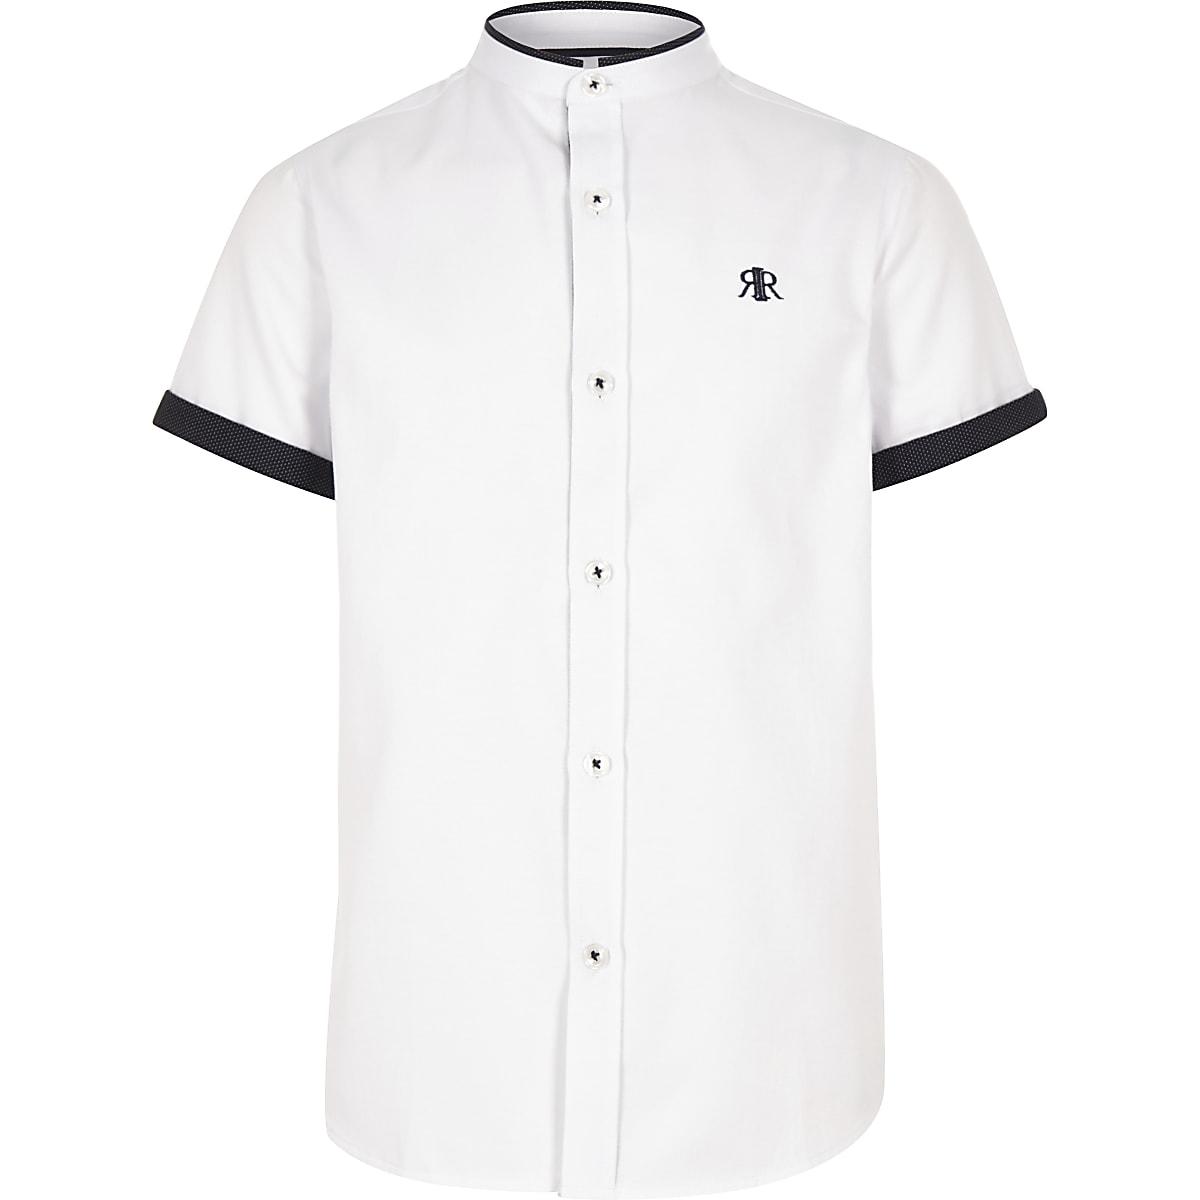 Boys white contrast trim shirt